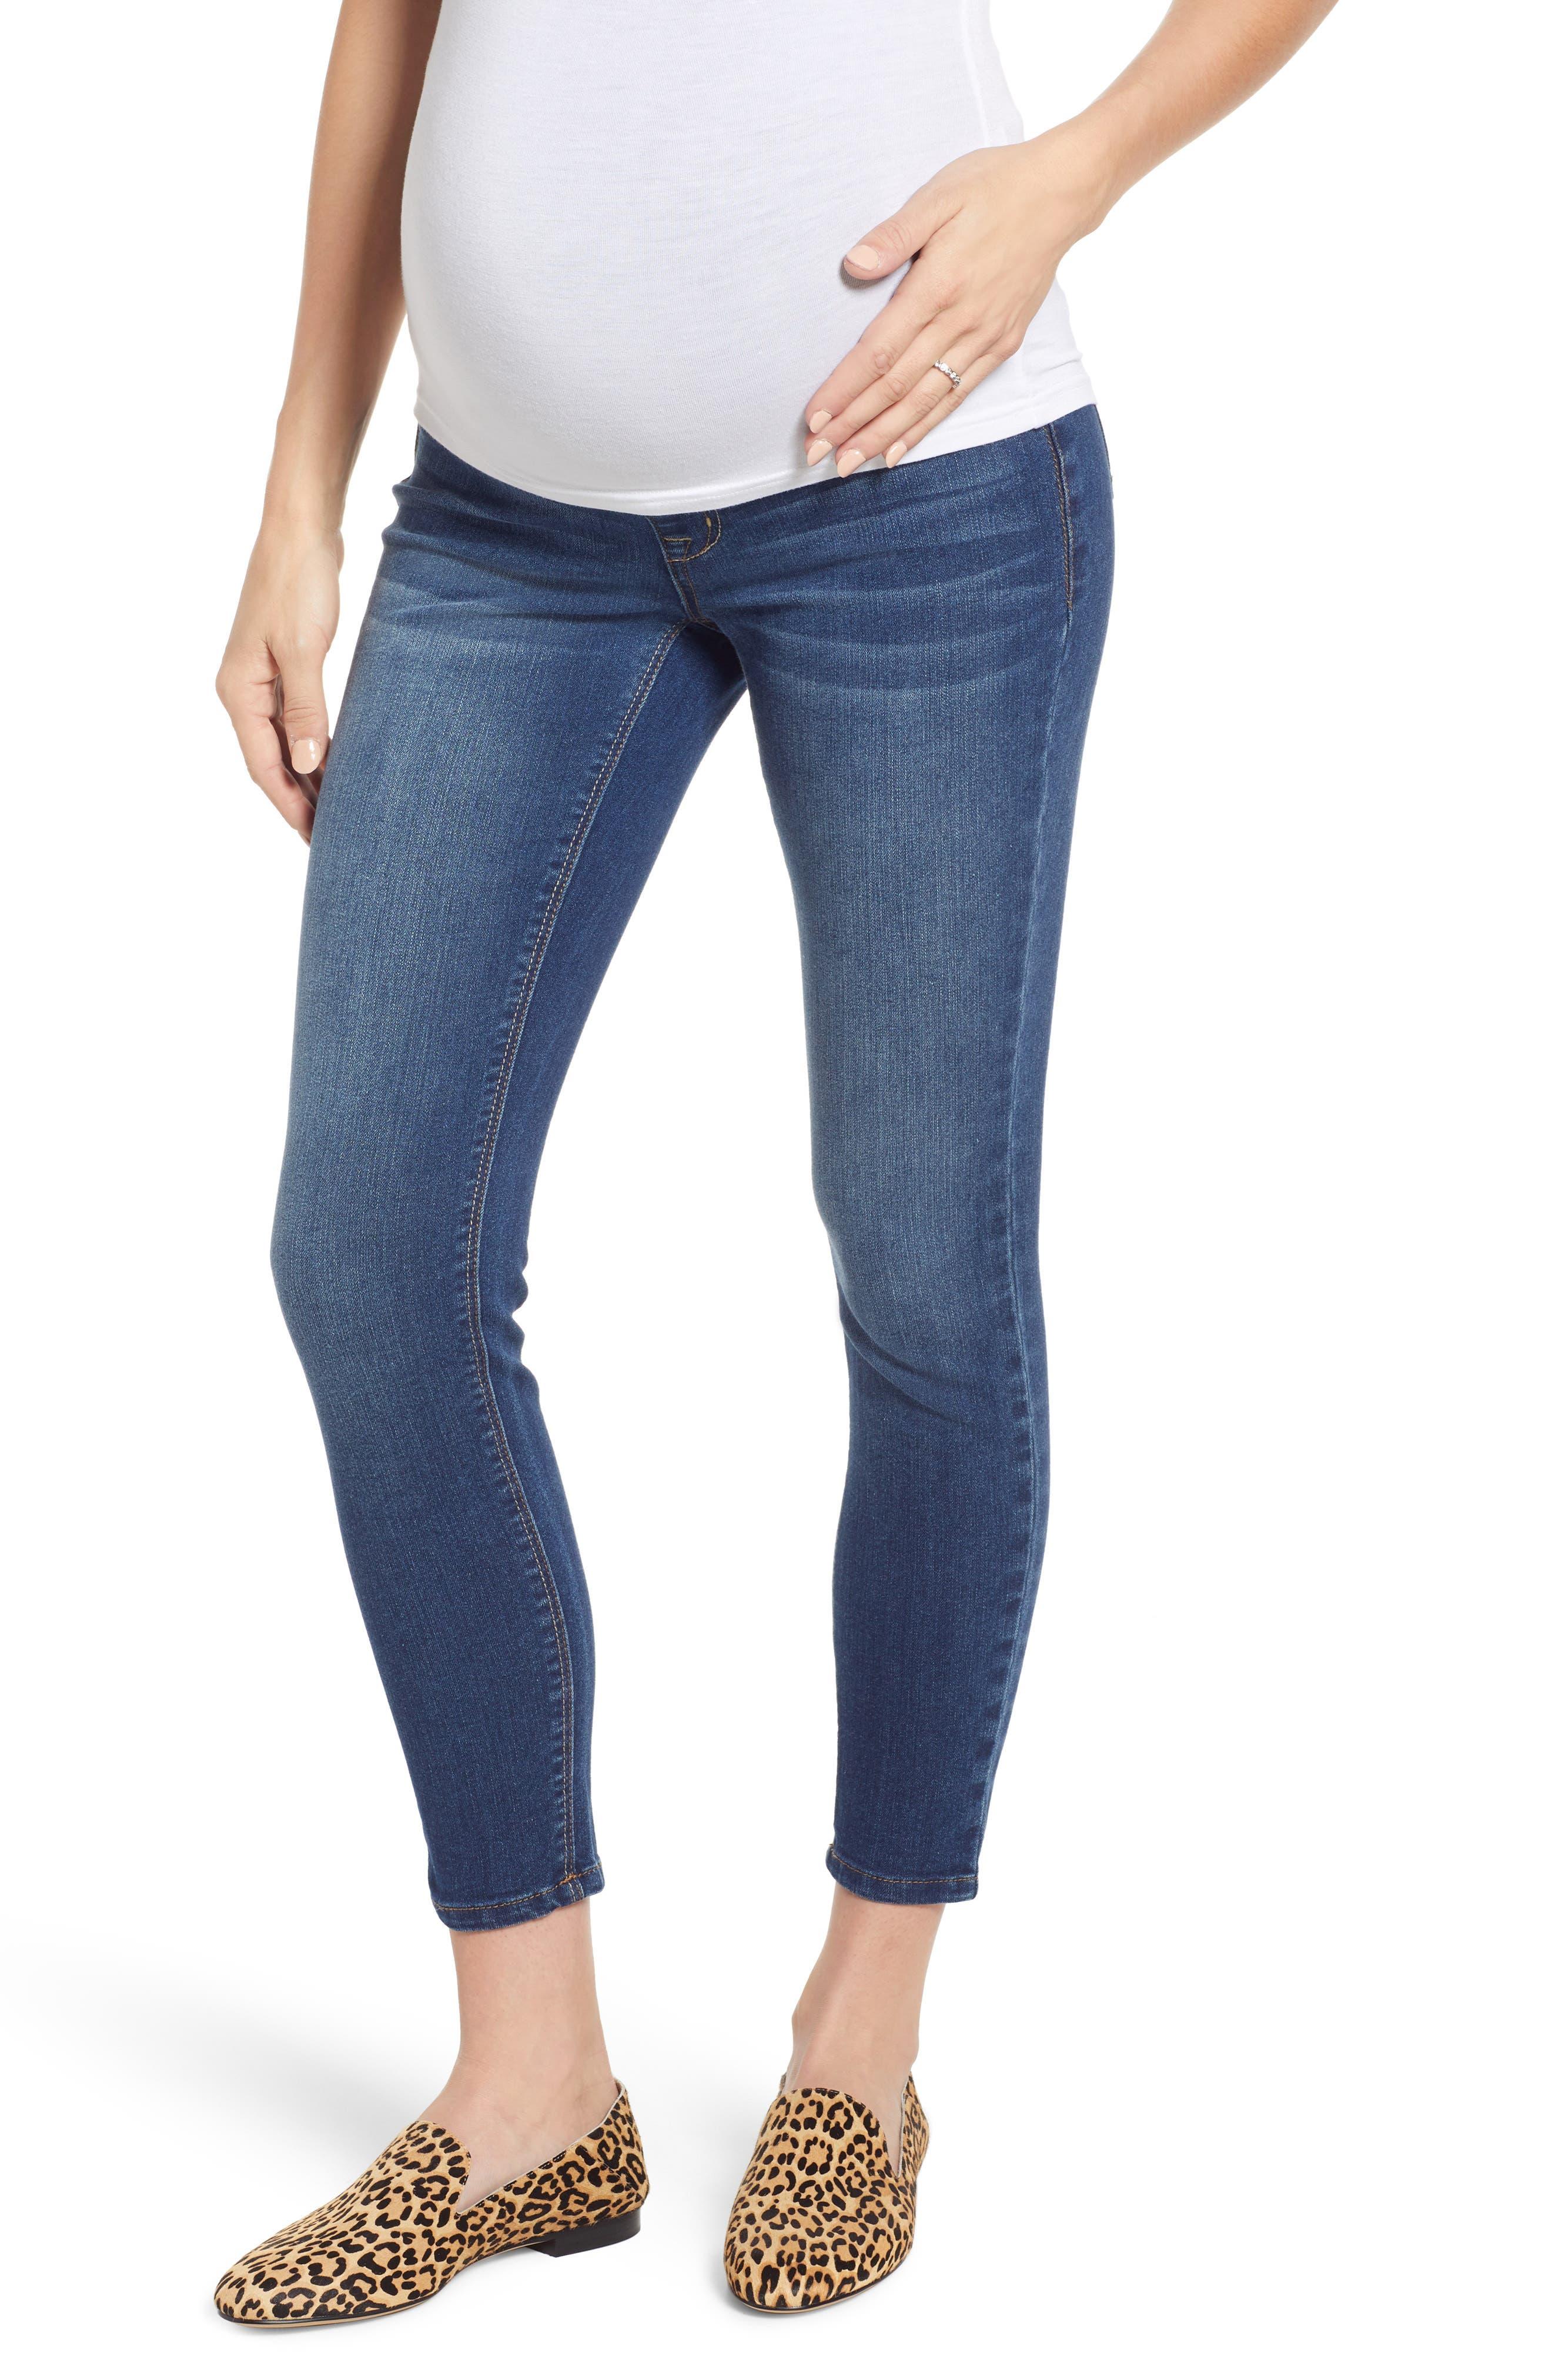 Women's 1822 Denim Stretch 360 Ankle Skinny Maternity Jeans